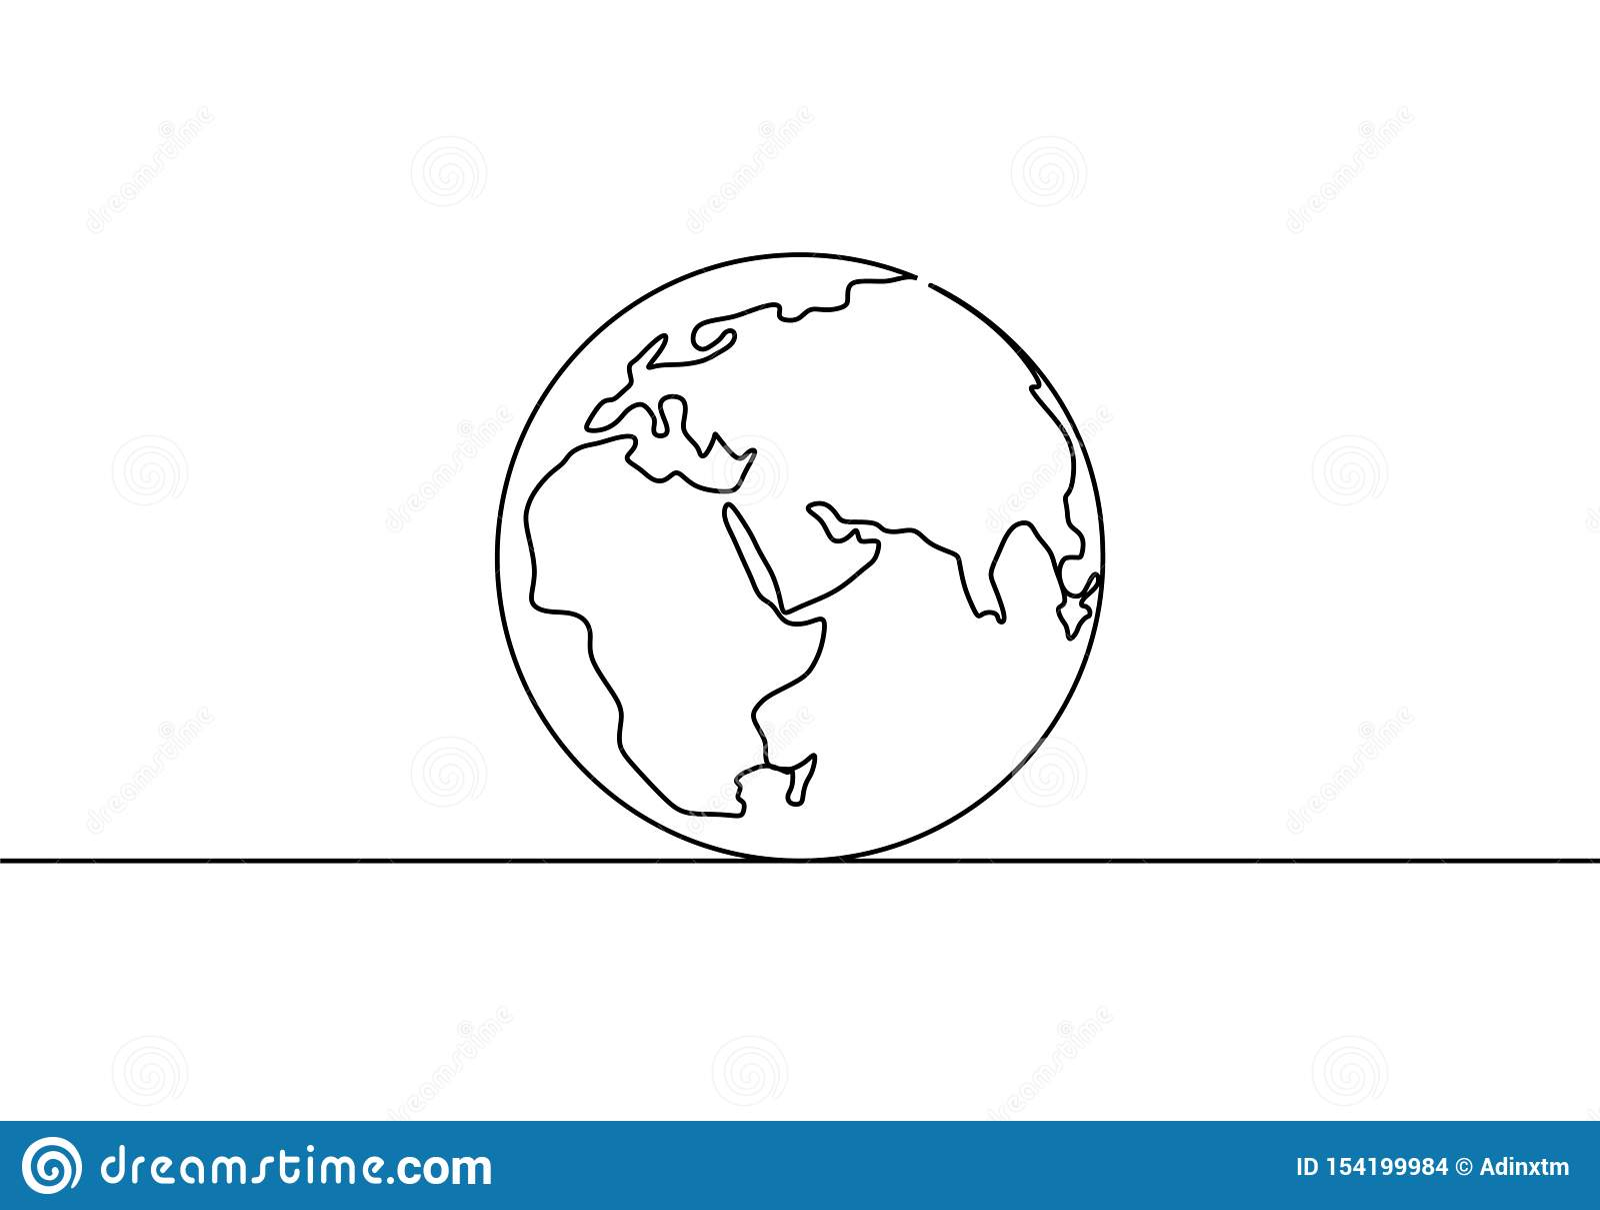 Dibujo lineal del globo uno de la tierra del diseño minimalista del ejemplo del vector del mapa del mundo de minimalismo aislado